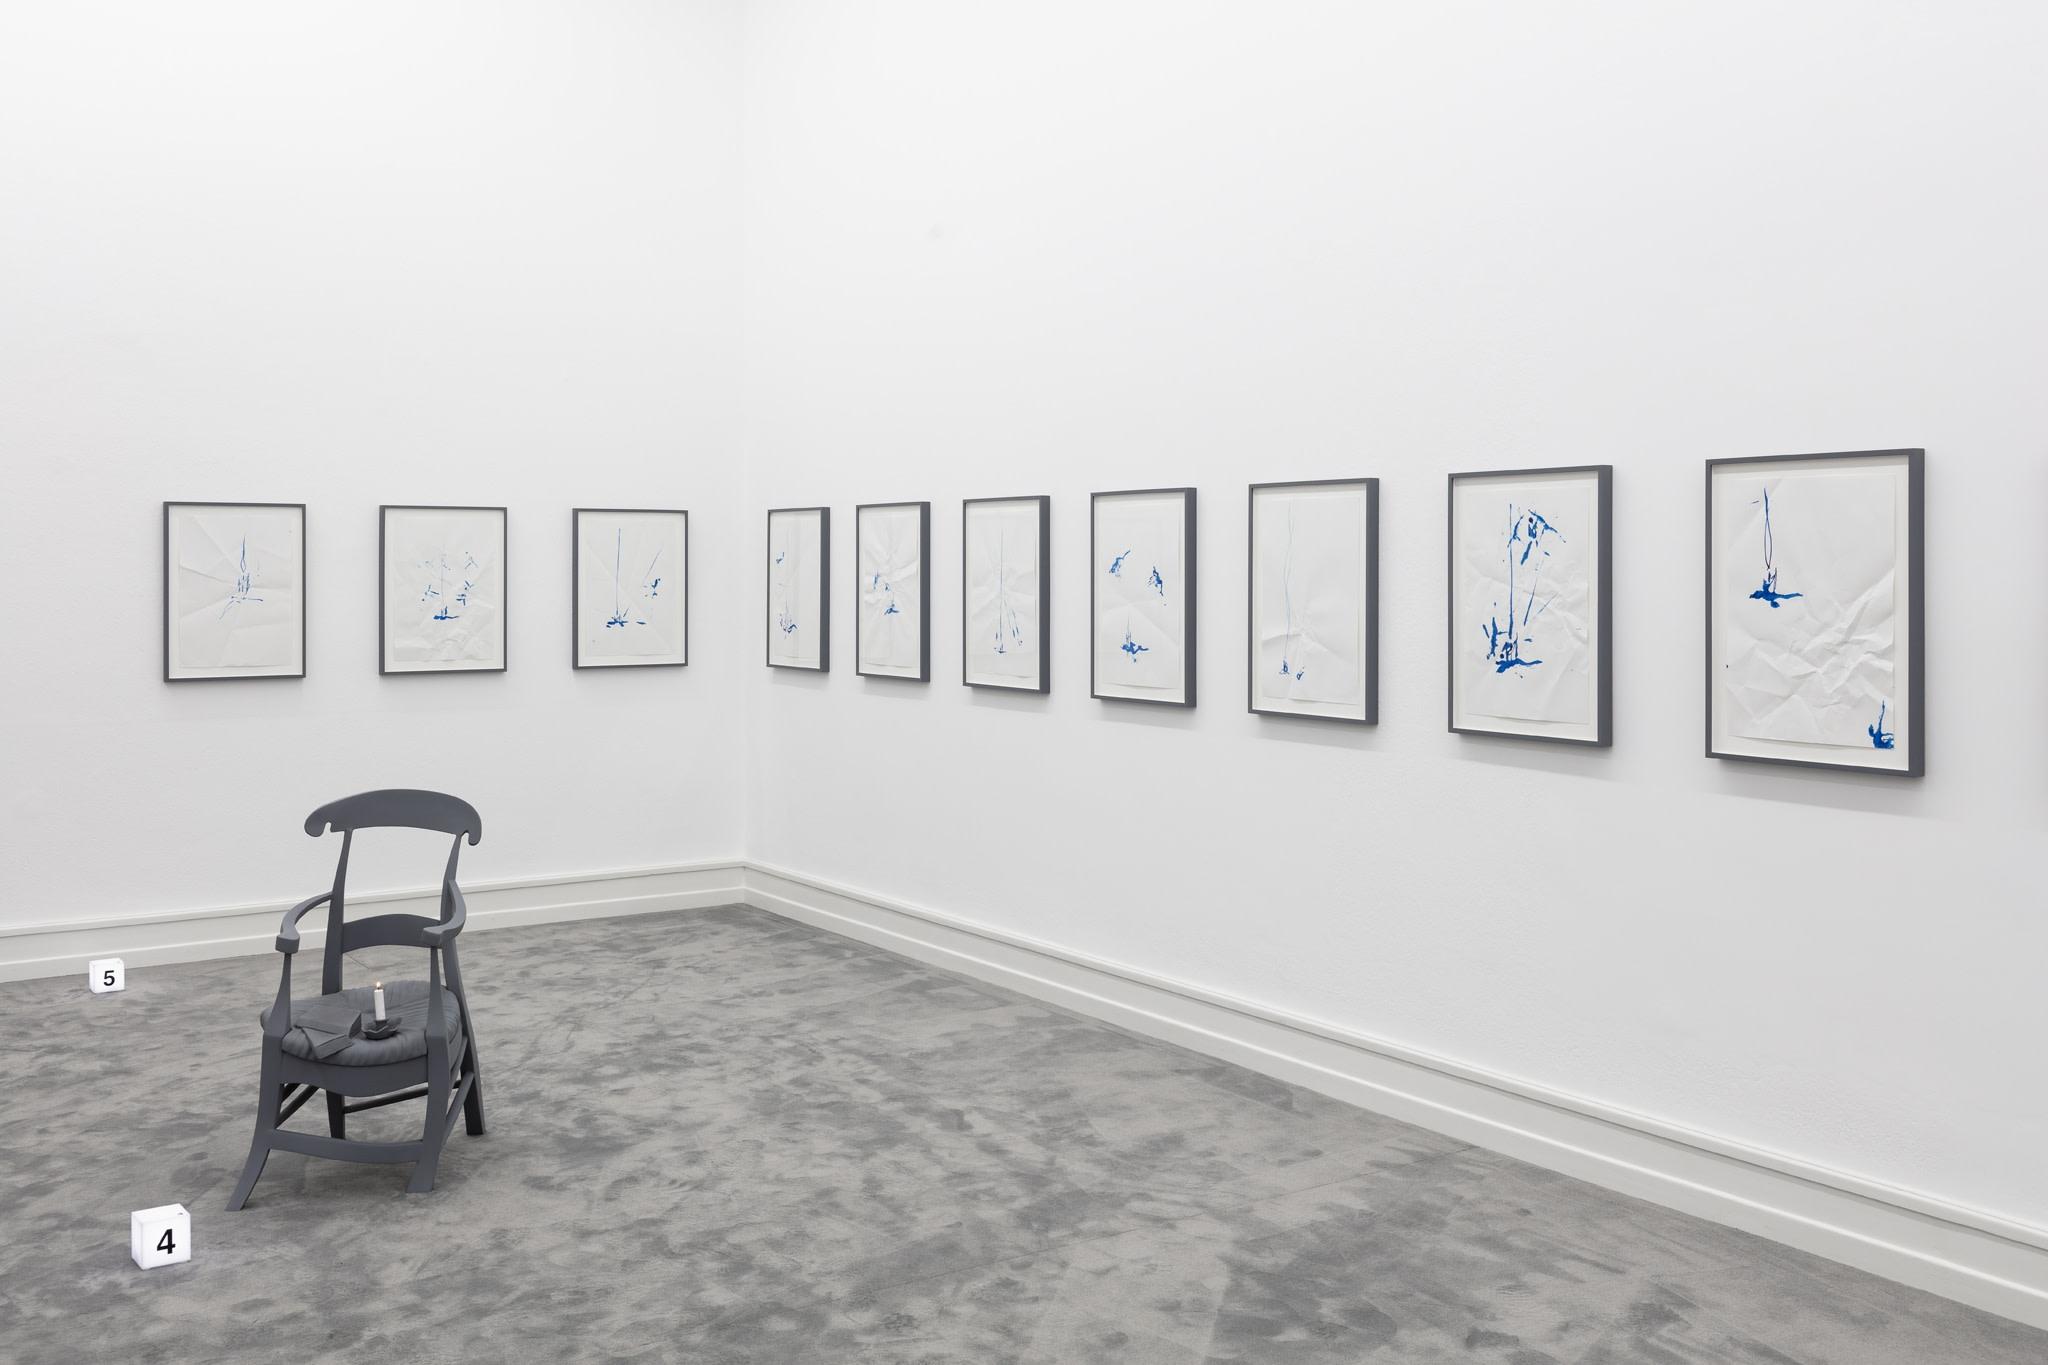 Exhibition view: Ryan Gander, The 500 Million Year Collaboration, Kunsthalle Bern, 2019. Photo © Gunnar Meier